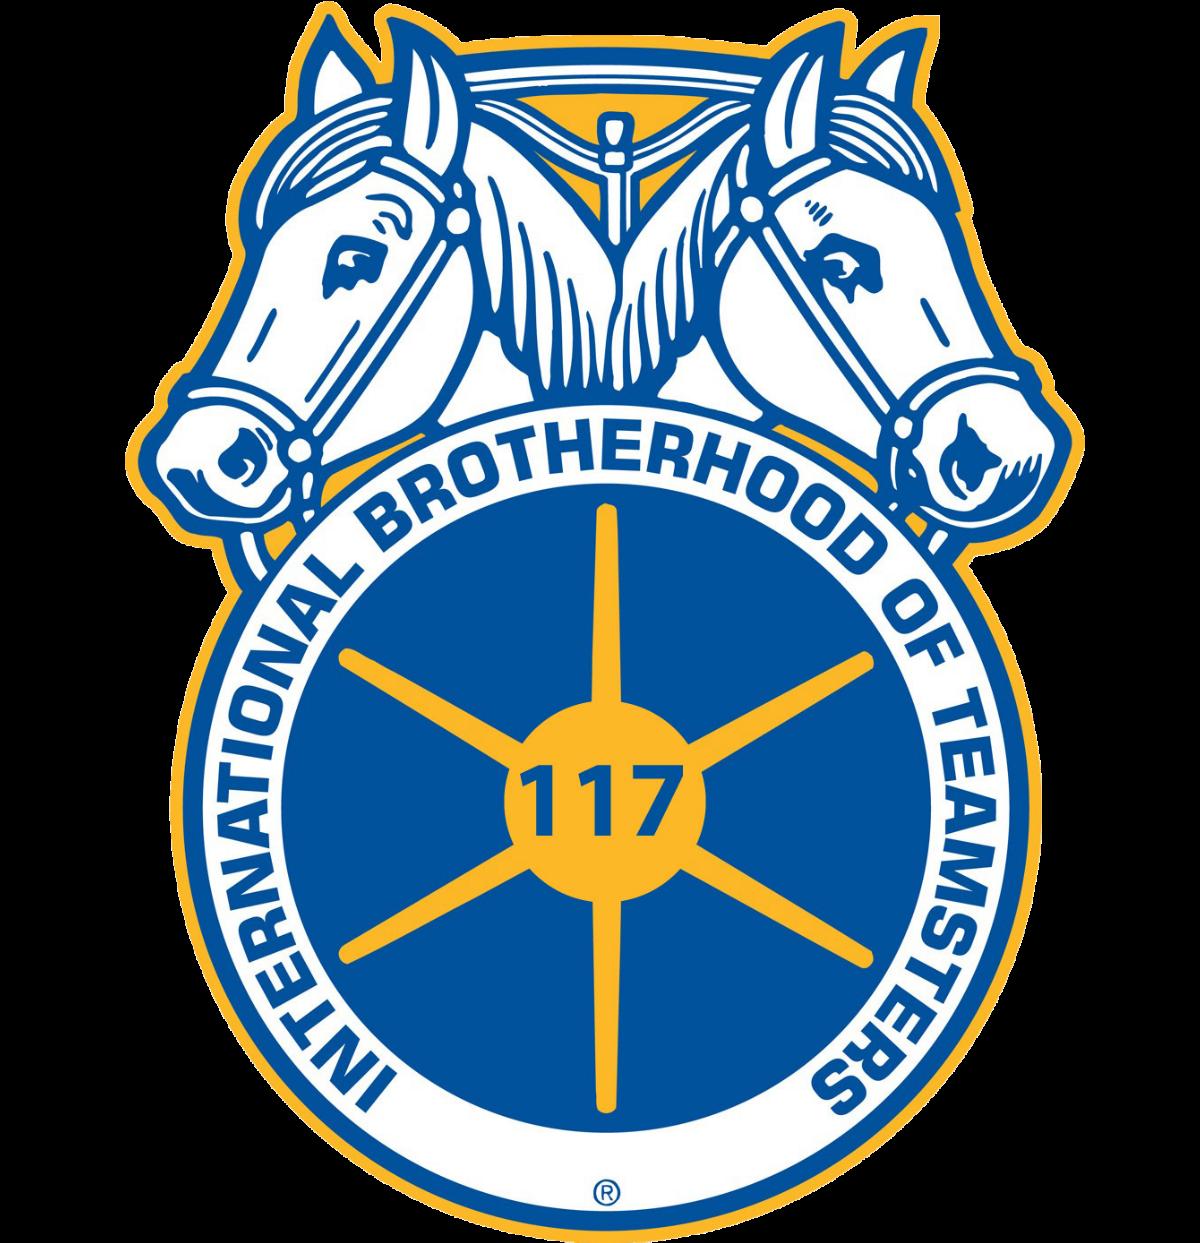 Logo _ Teamsters 117.png